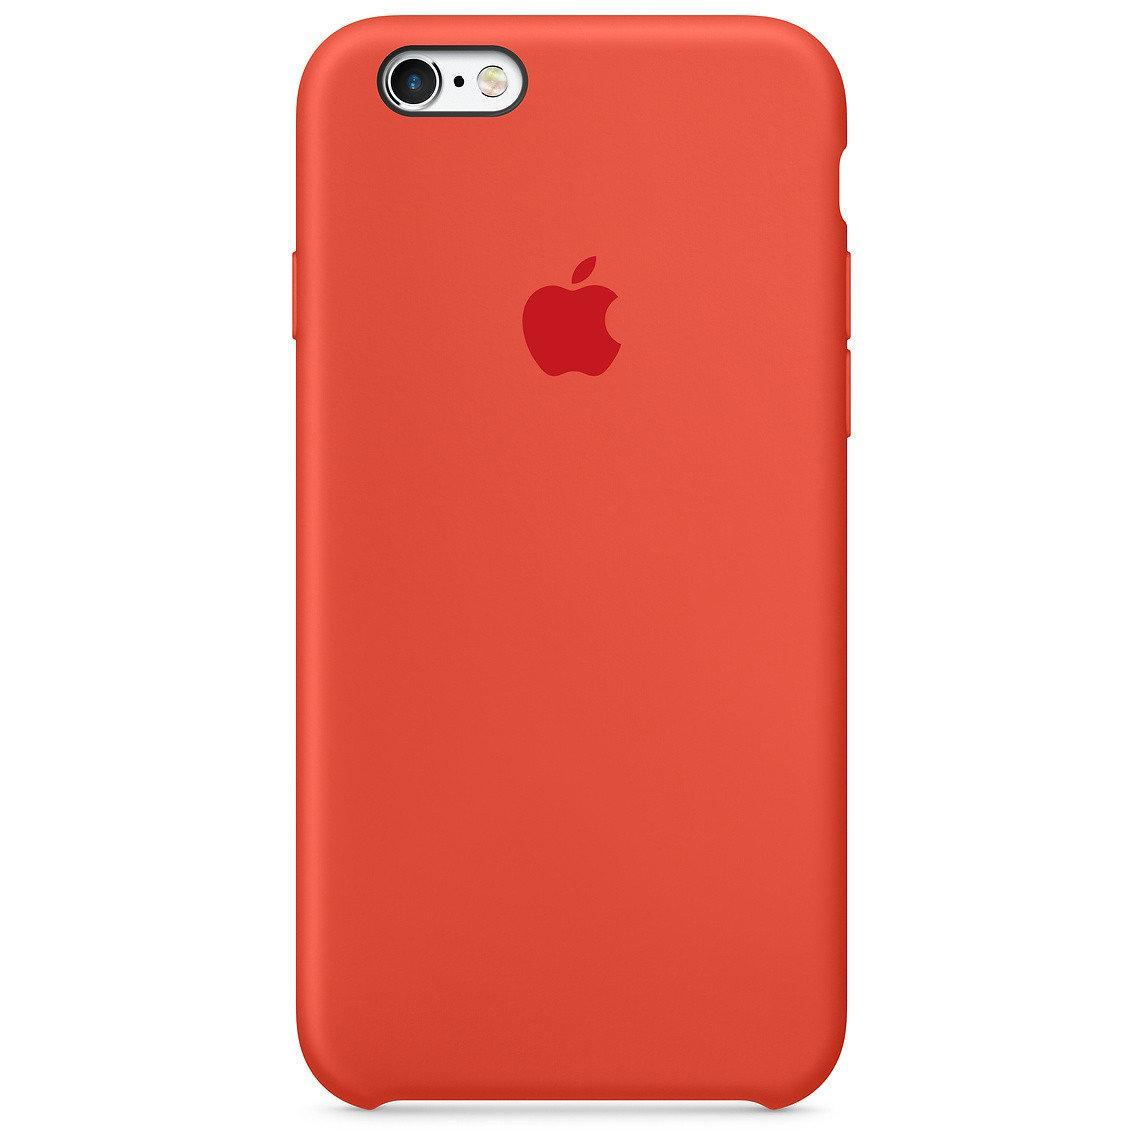 Чехол накладка SILICONE CASE iPhone 6/6S